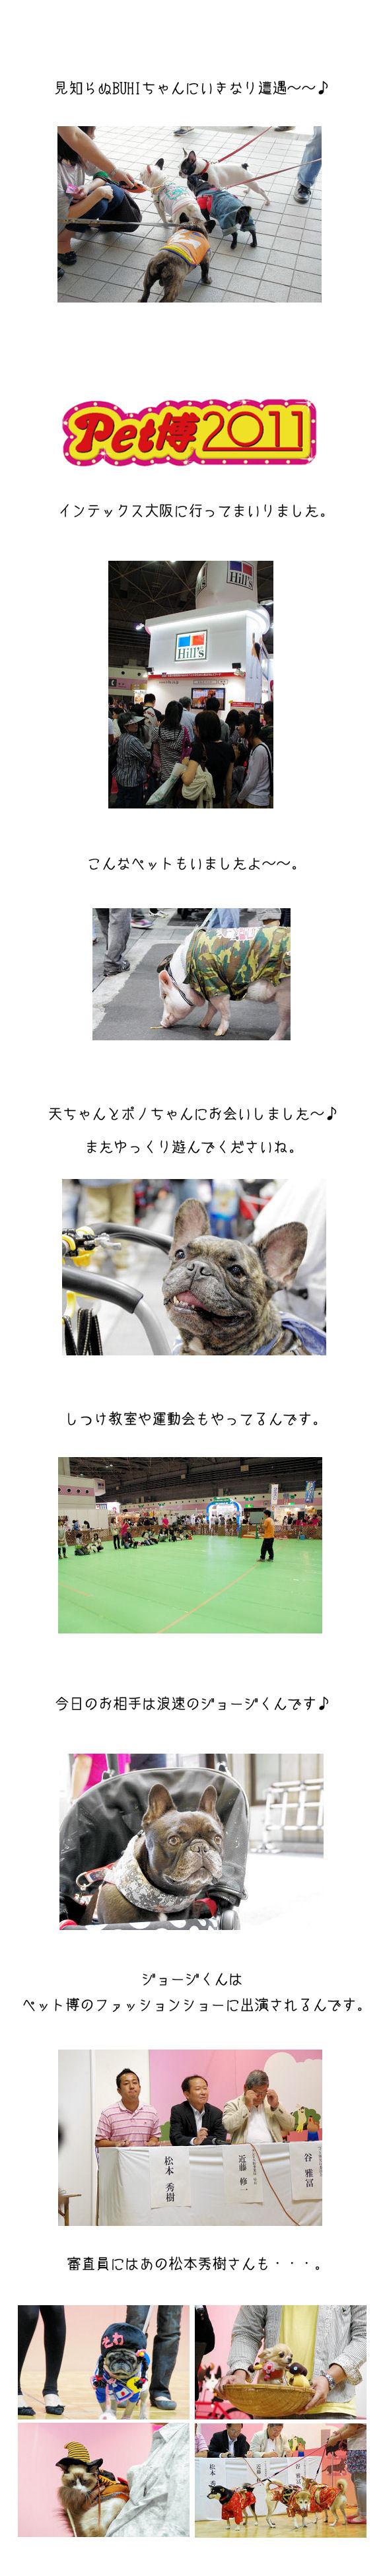 連休初日は大阪でa